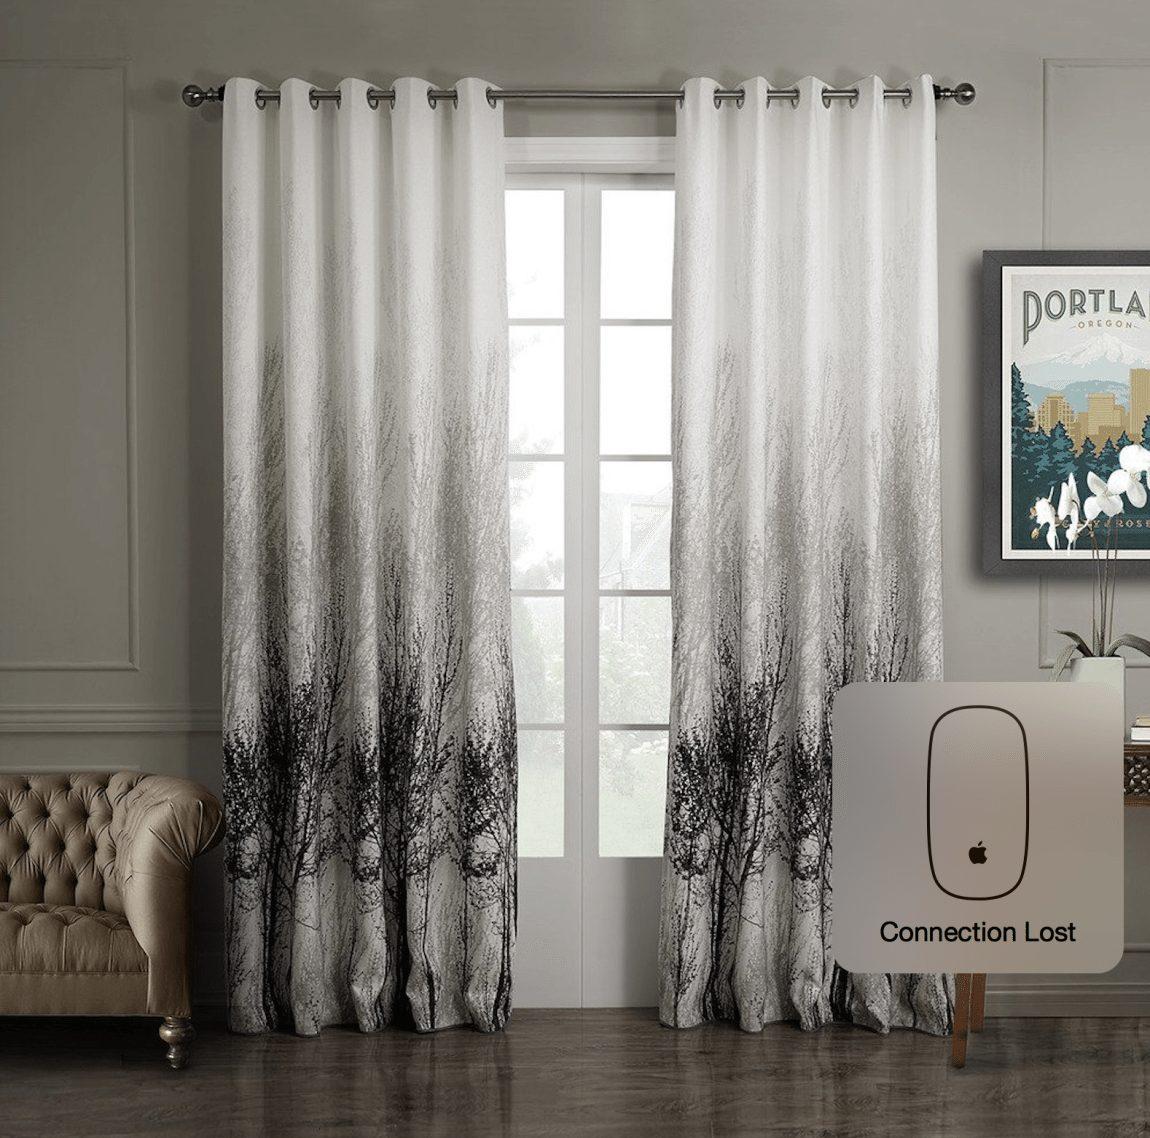 VIVOSUN Elegant 2 Pieces Printed Window Curtain Grommet Drapes White & Grey